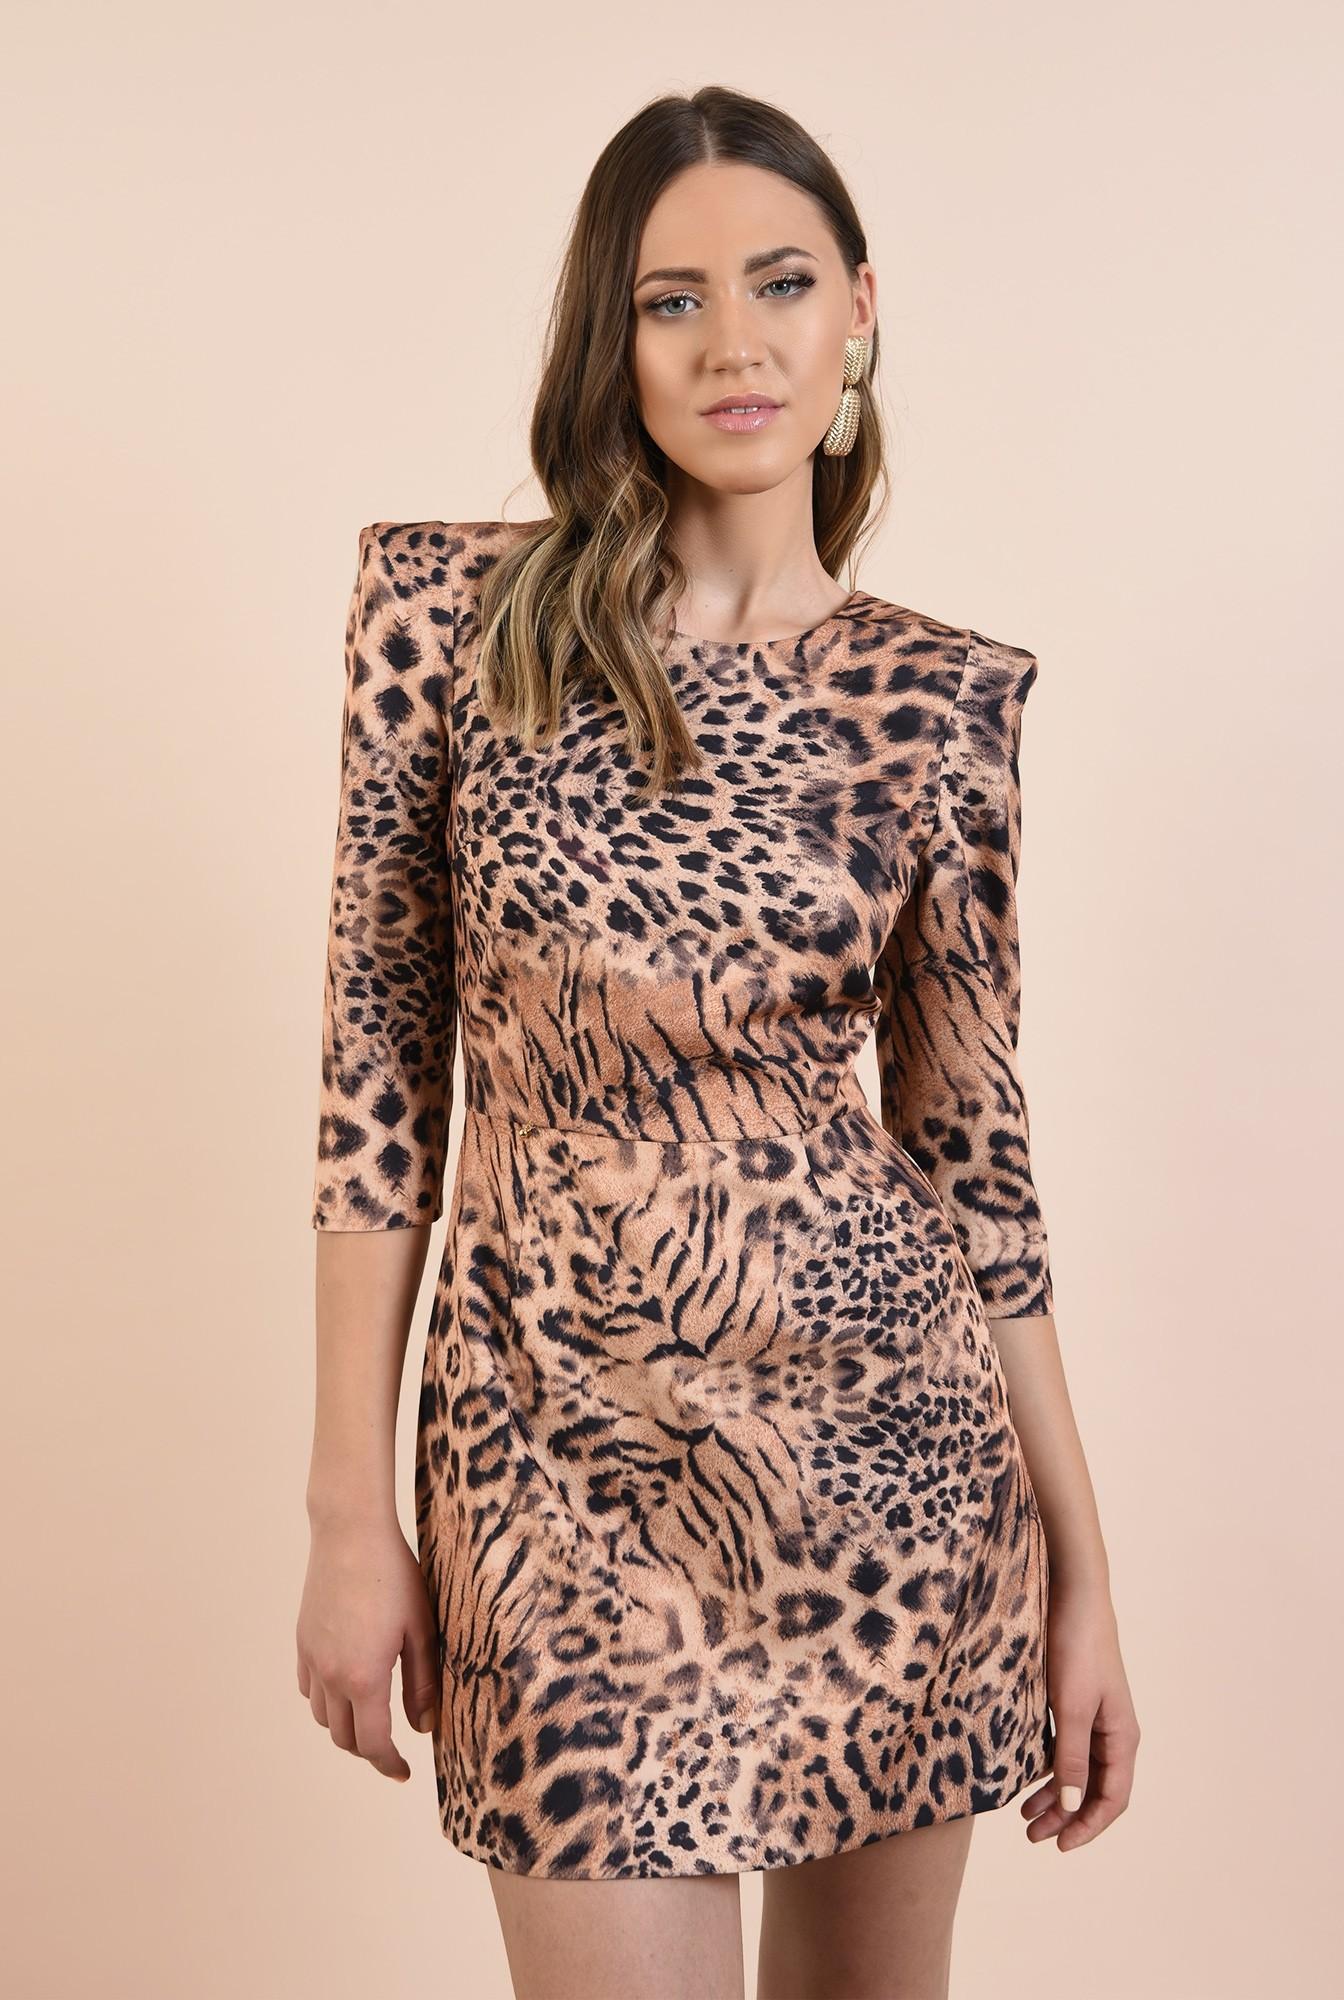 2 - rochie animal print, scurta, cambrata, umeri ascutiti, Poema